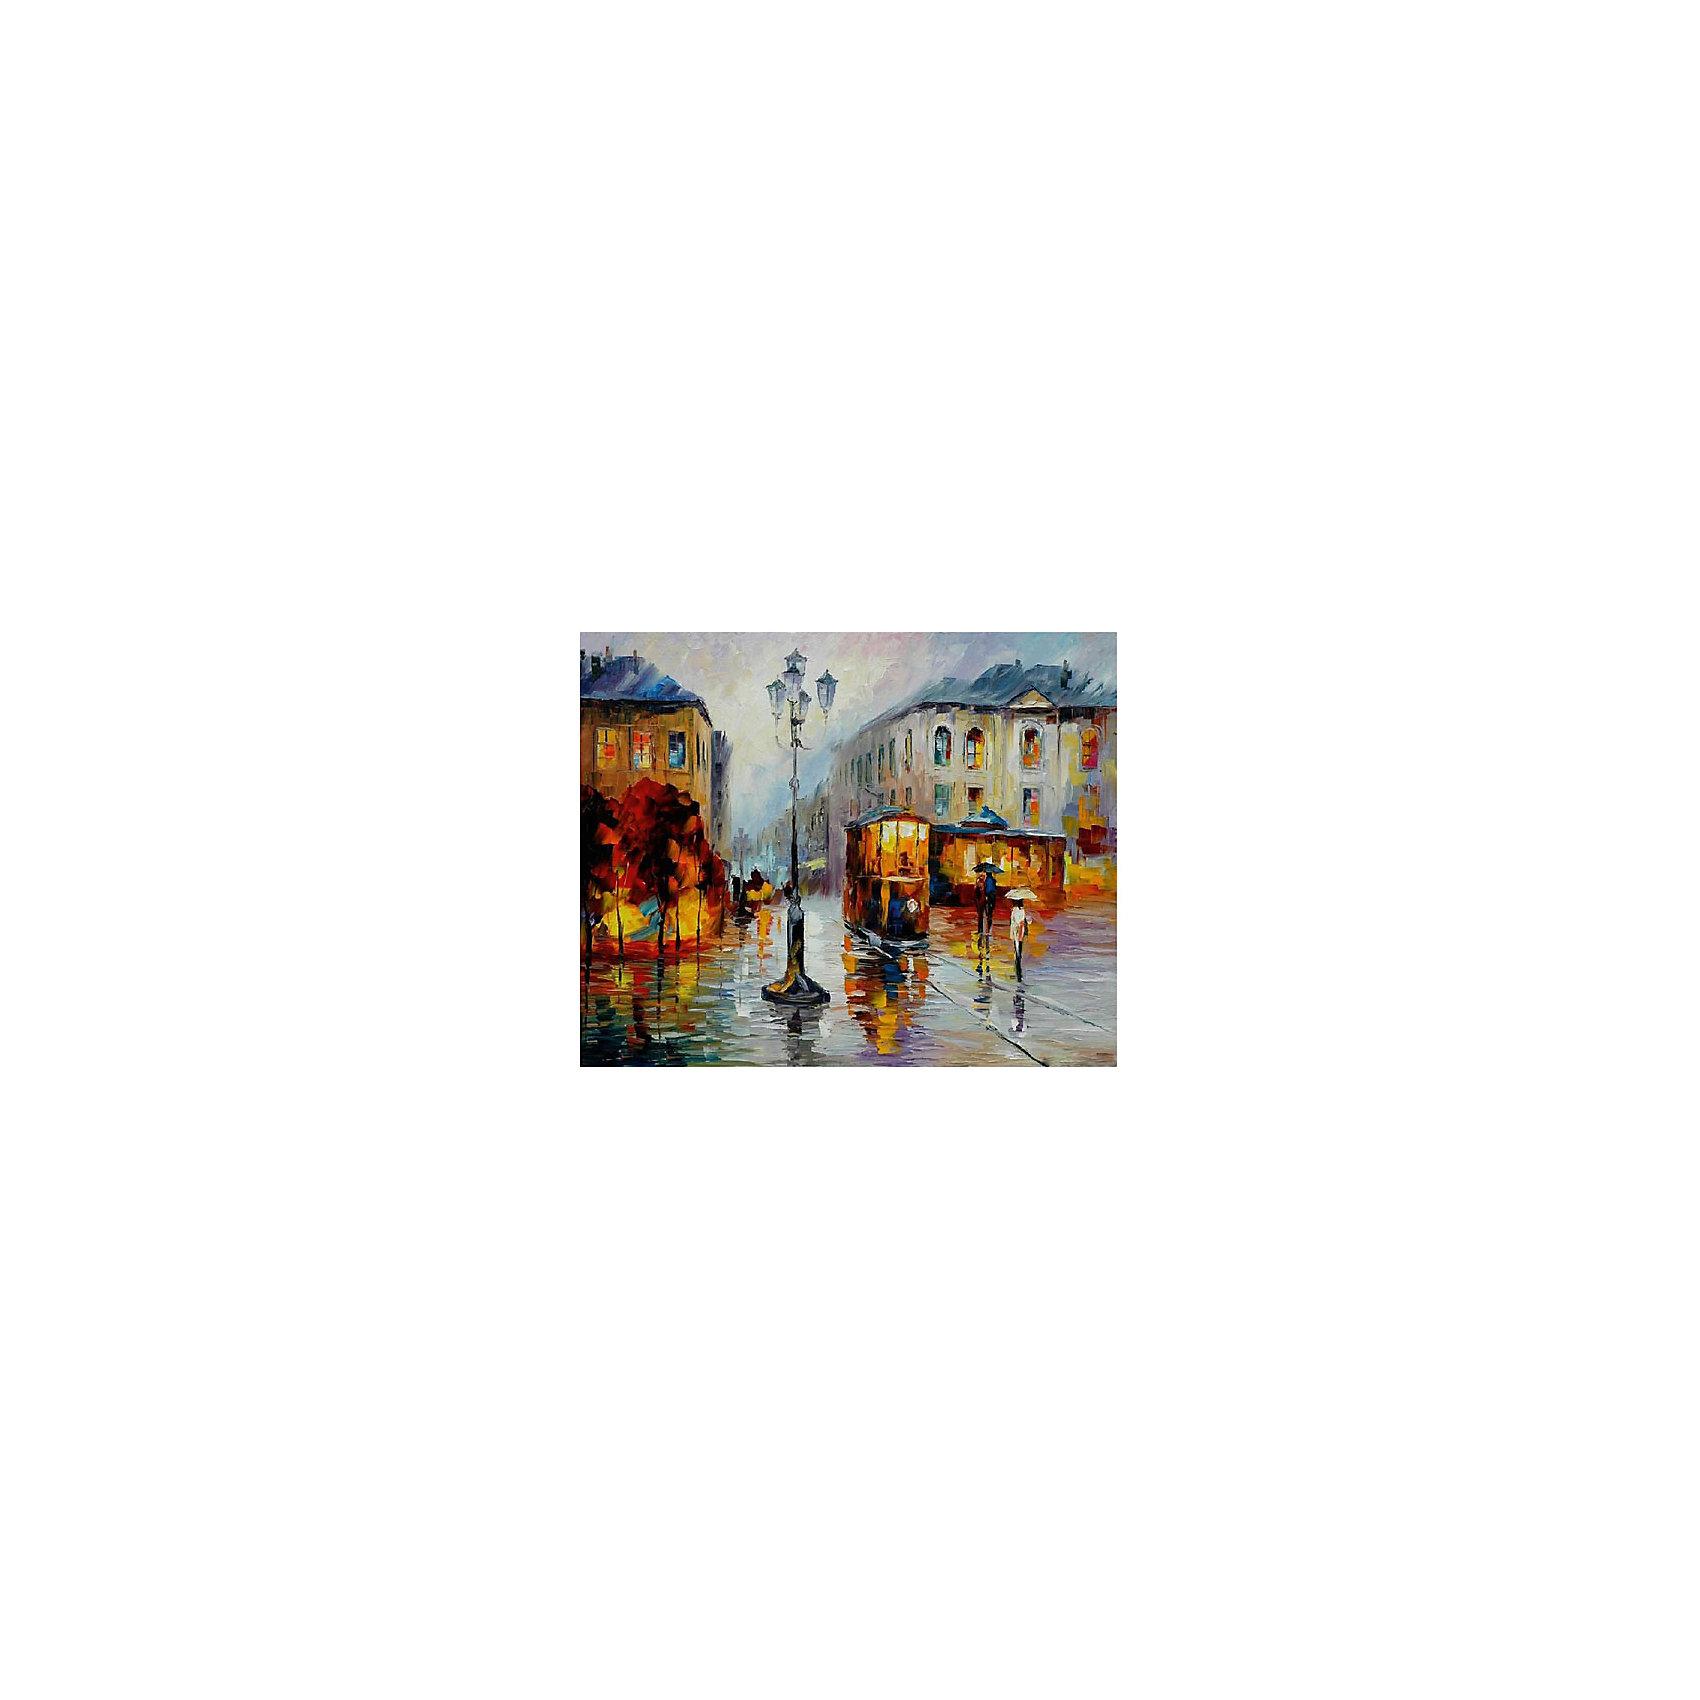 Картина по номерам Афремов: Городской трамвай, 40*50 смРисование<br>Картины с раскраской по номерам размером 40*50. На деревянном подрамнике, с прогрунтованным холстом и  нанесенными контурами картины, с указанием цвета закраски, акриловыми красками, 3 кисточками и креплением на стену. Уровень сложности, количество красок указаны на коробке.<br><br>Ширина мм: 500<br>Глубина мм: 400<br>Высота мм: 40<br>Вес г: 730<br>Возраст от месяцев: 108<br>Возраст до месяцев: 2147483647<br>Пол: Унисекс<br>Возраст: Детский<br>SKU: 5417684